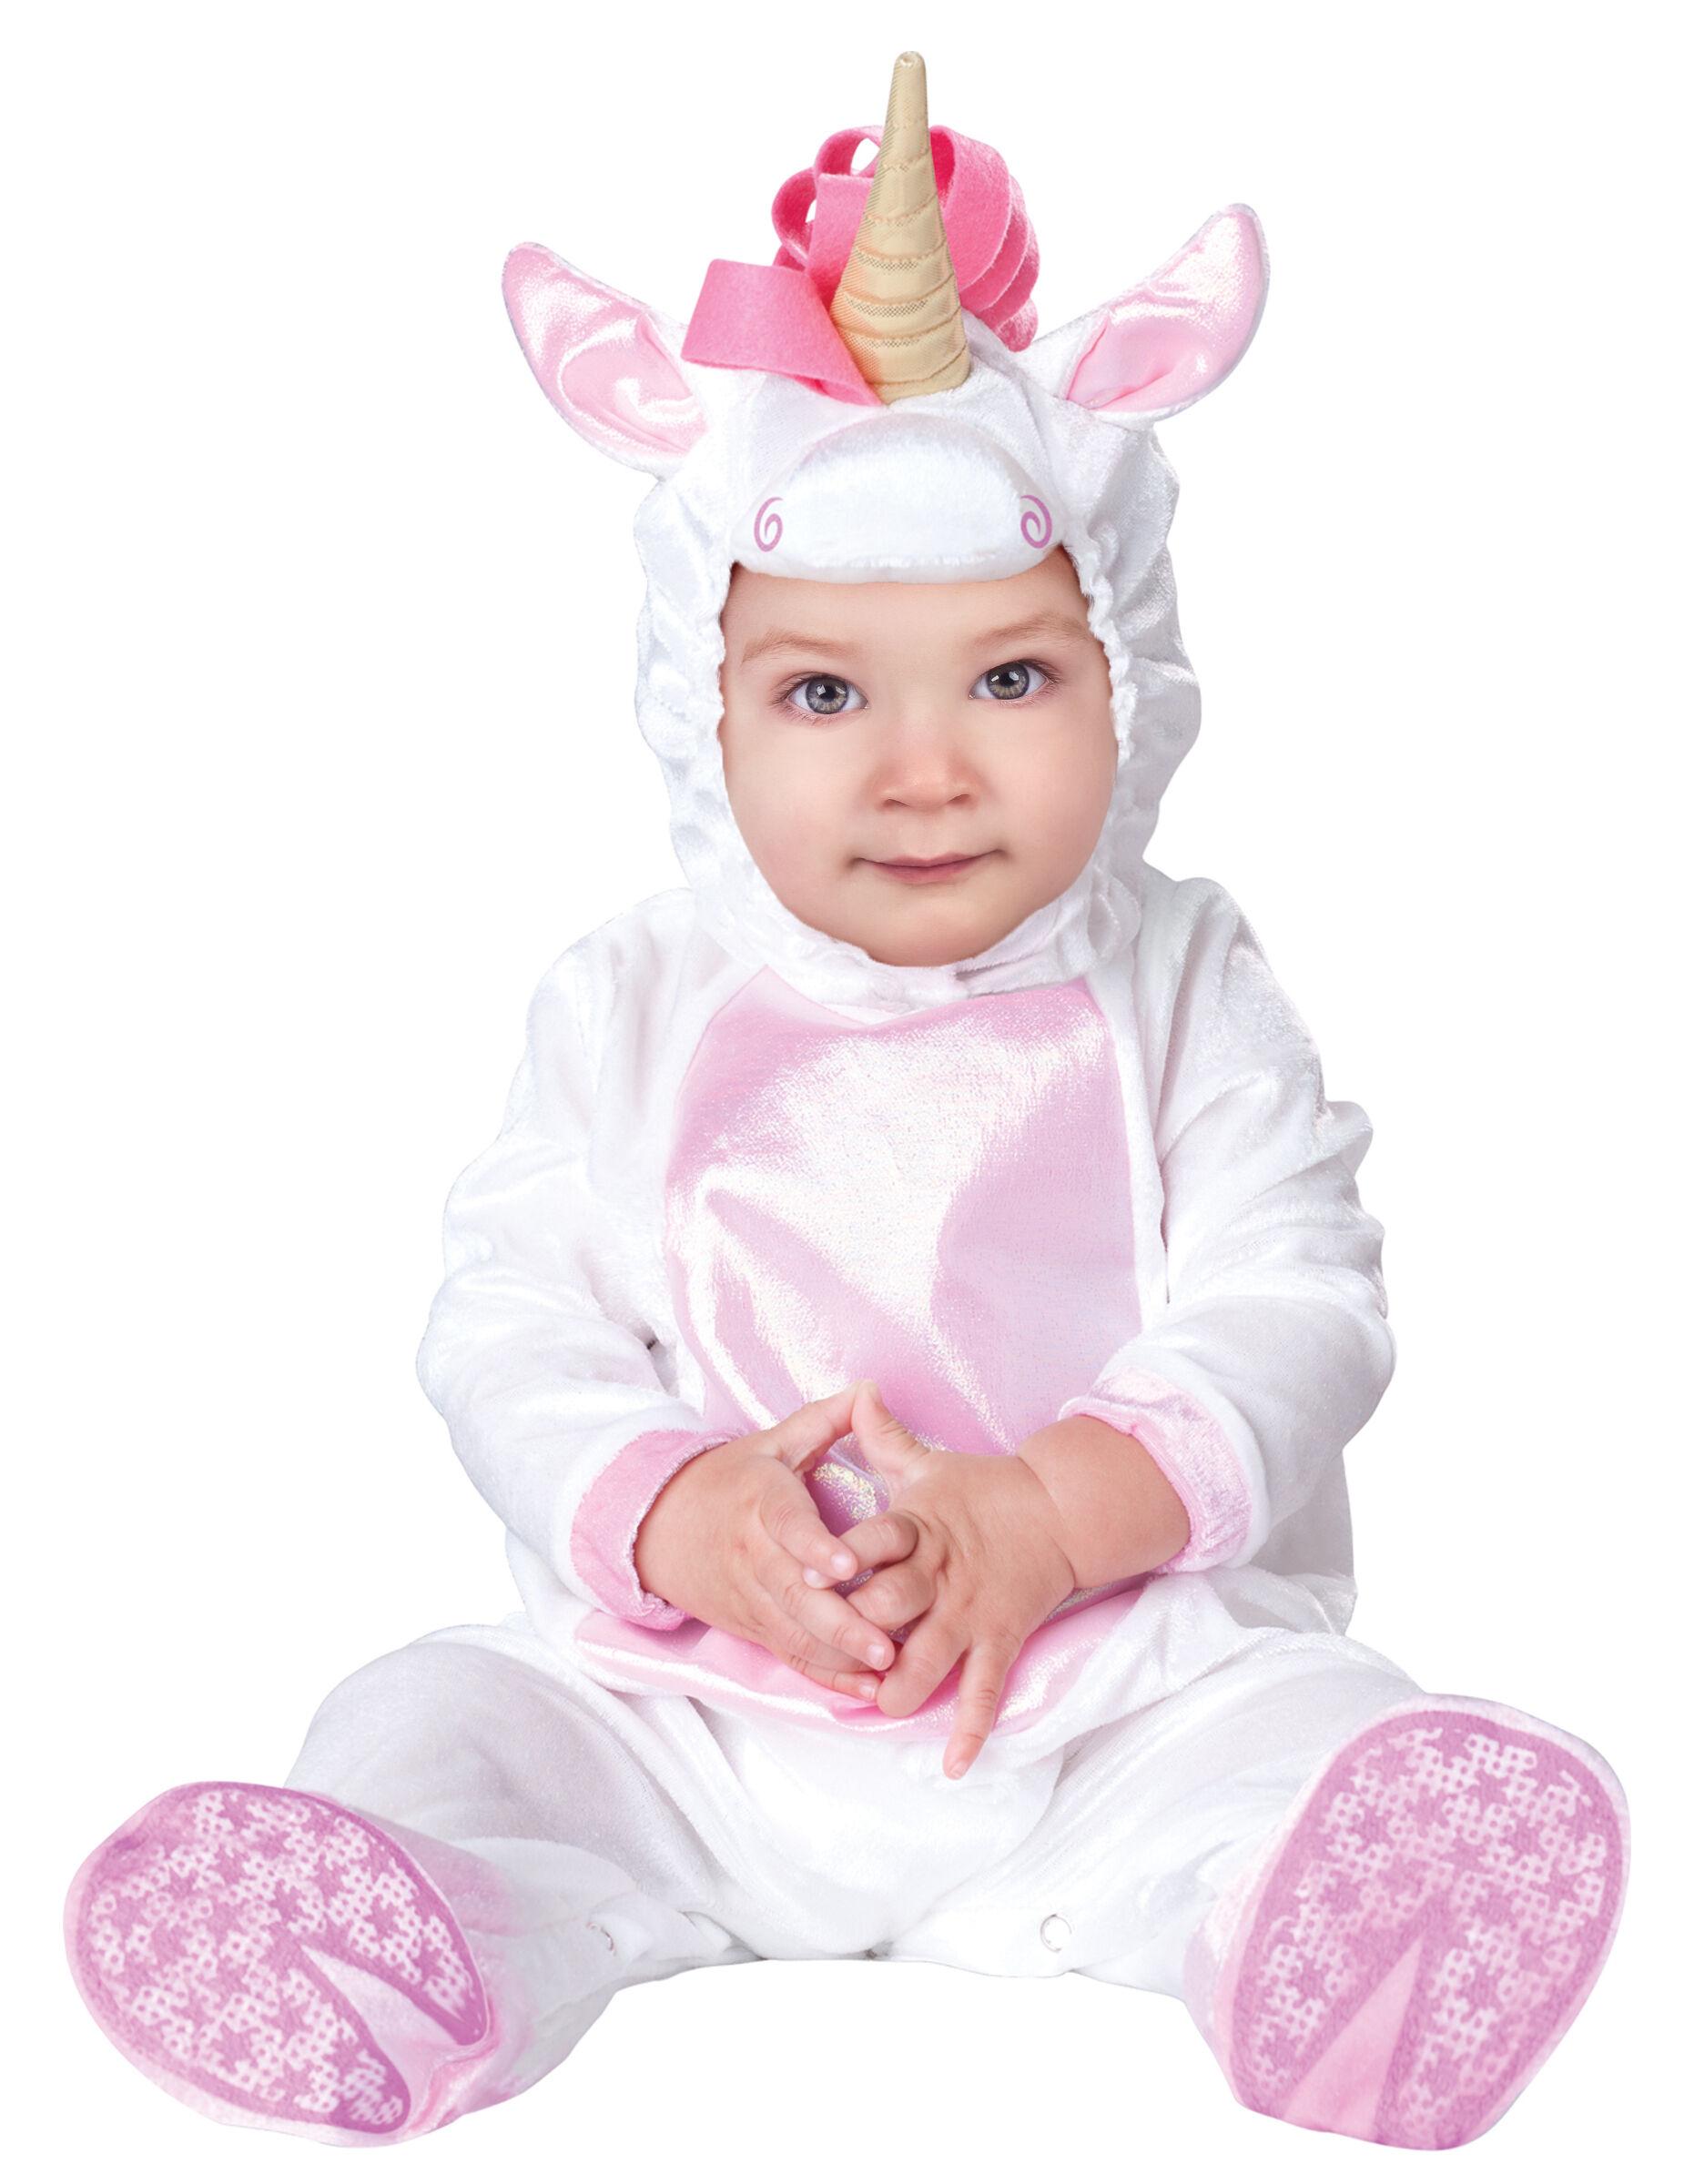 Deguisetoi Déguisement licorne pour bébé - Classique - Taille: 0-6 mois (58-66 cm)